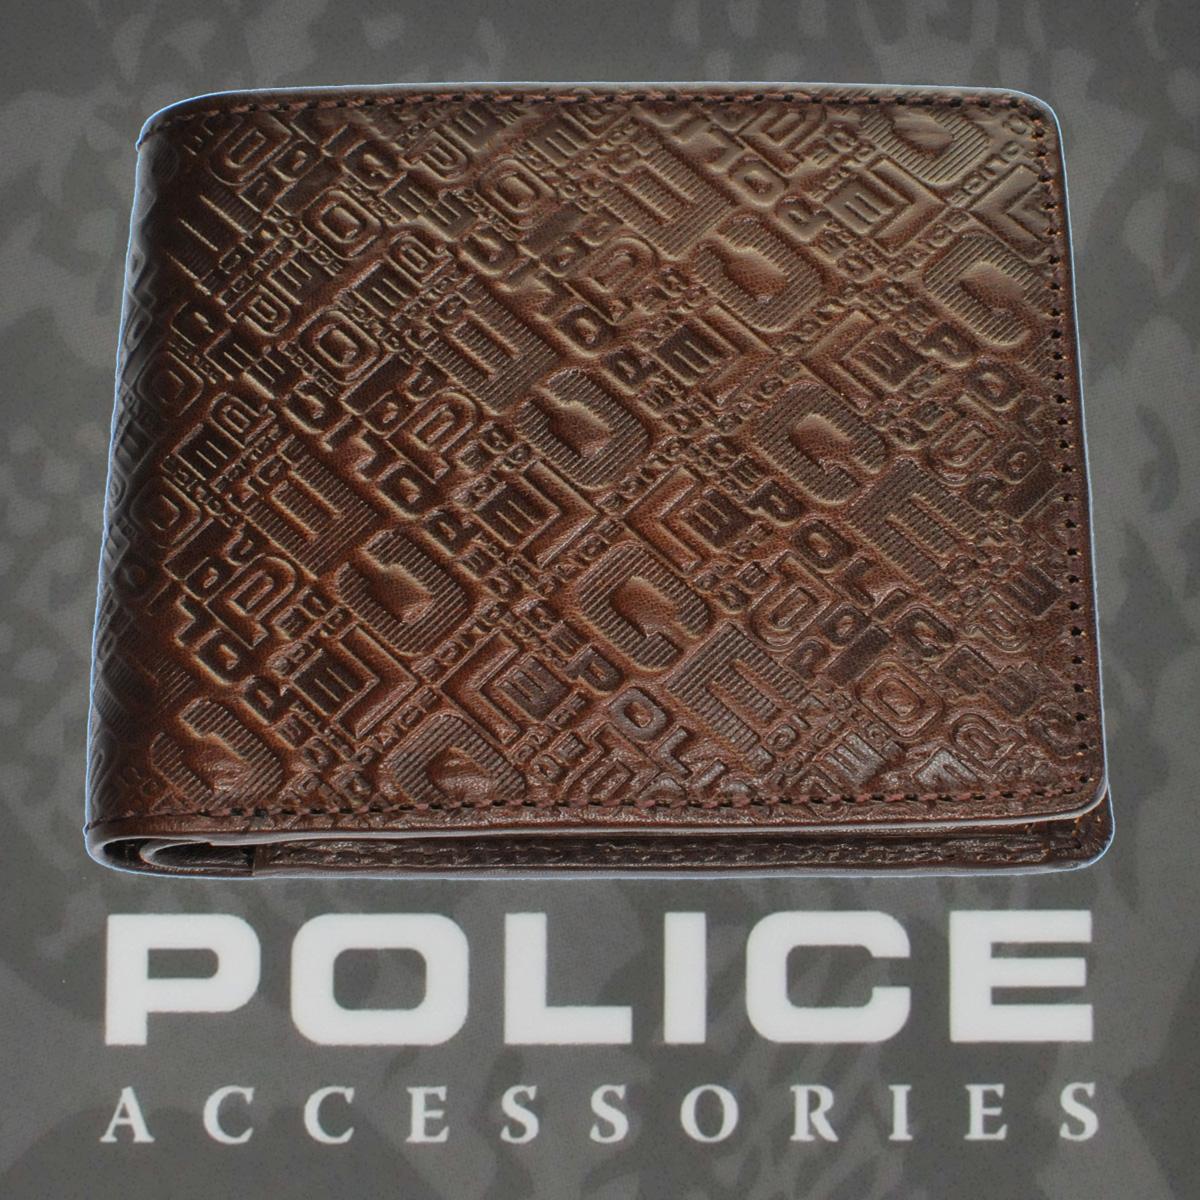 POLICE(ポリス)モノグラム MONOGRAMⅡ 二つ折り財布 ダークブラウン【PA-56501-29】